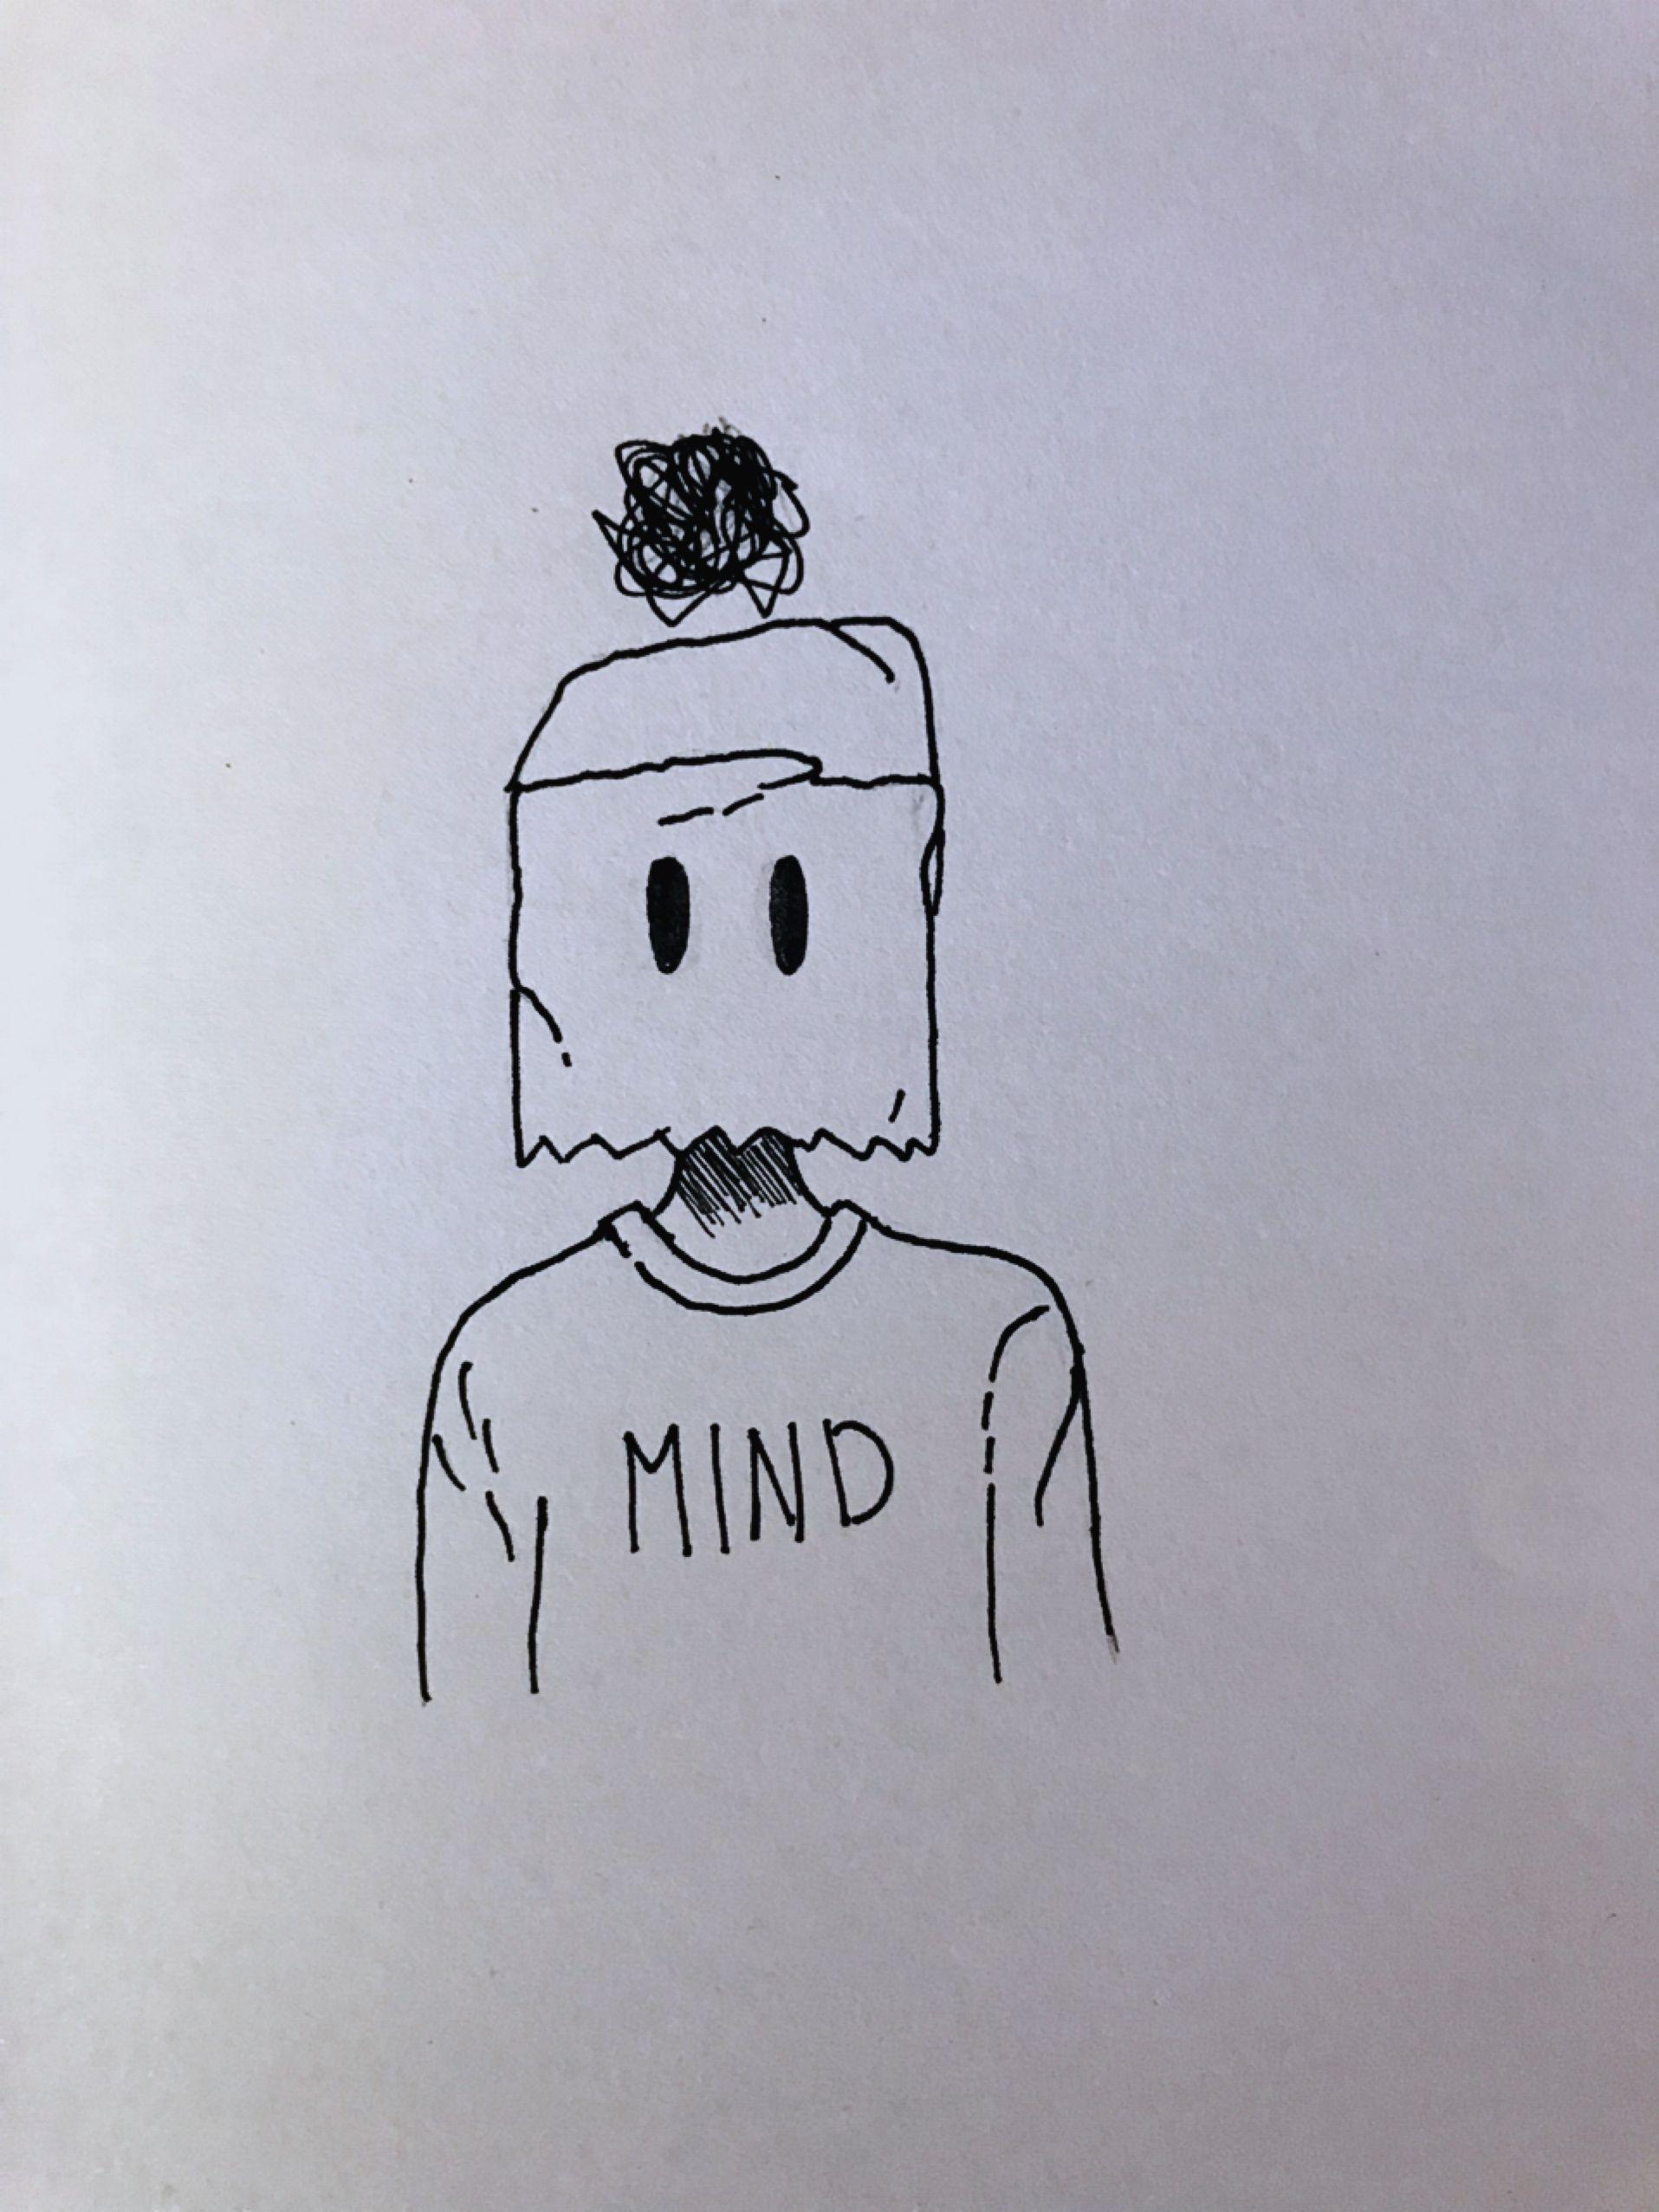 ~ Mind ~